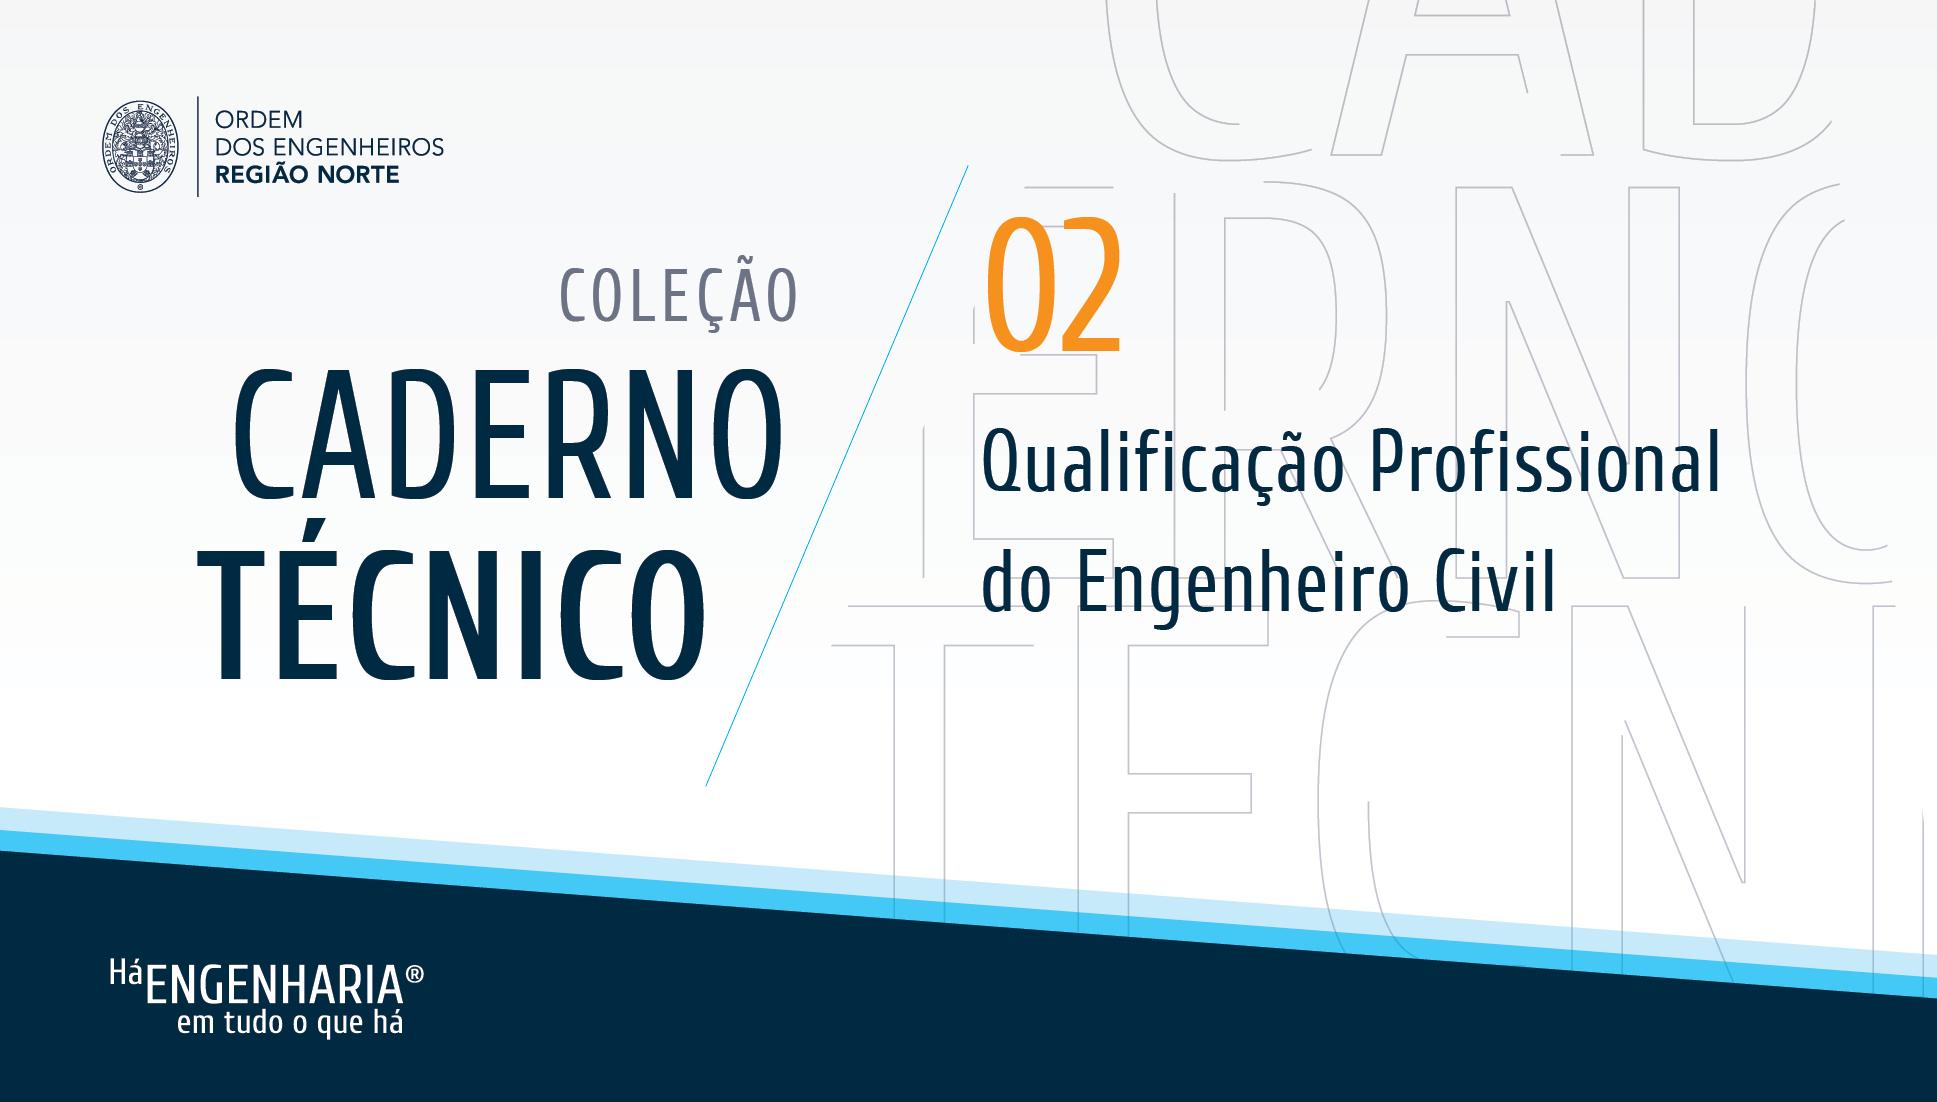 Plataforma Notícias Ordem Engenheiros Região Norte - Caderno Técnico para Engenheiros nº 2